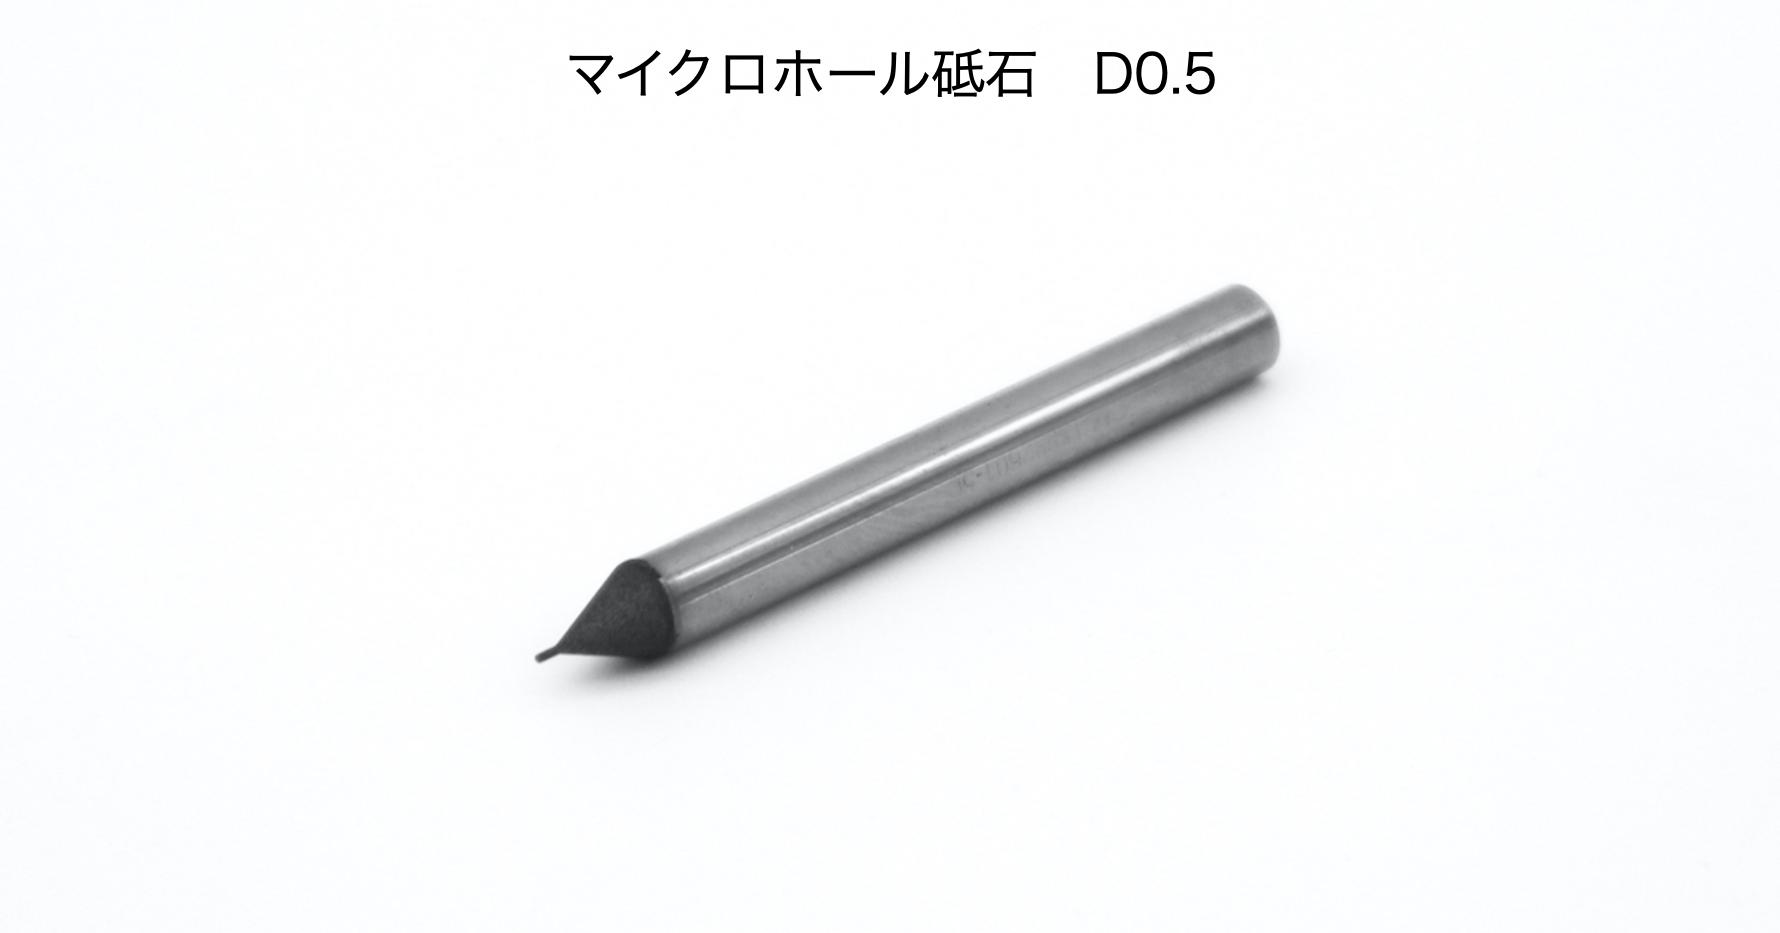 9_マイクロホール砥石 D0.5.png